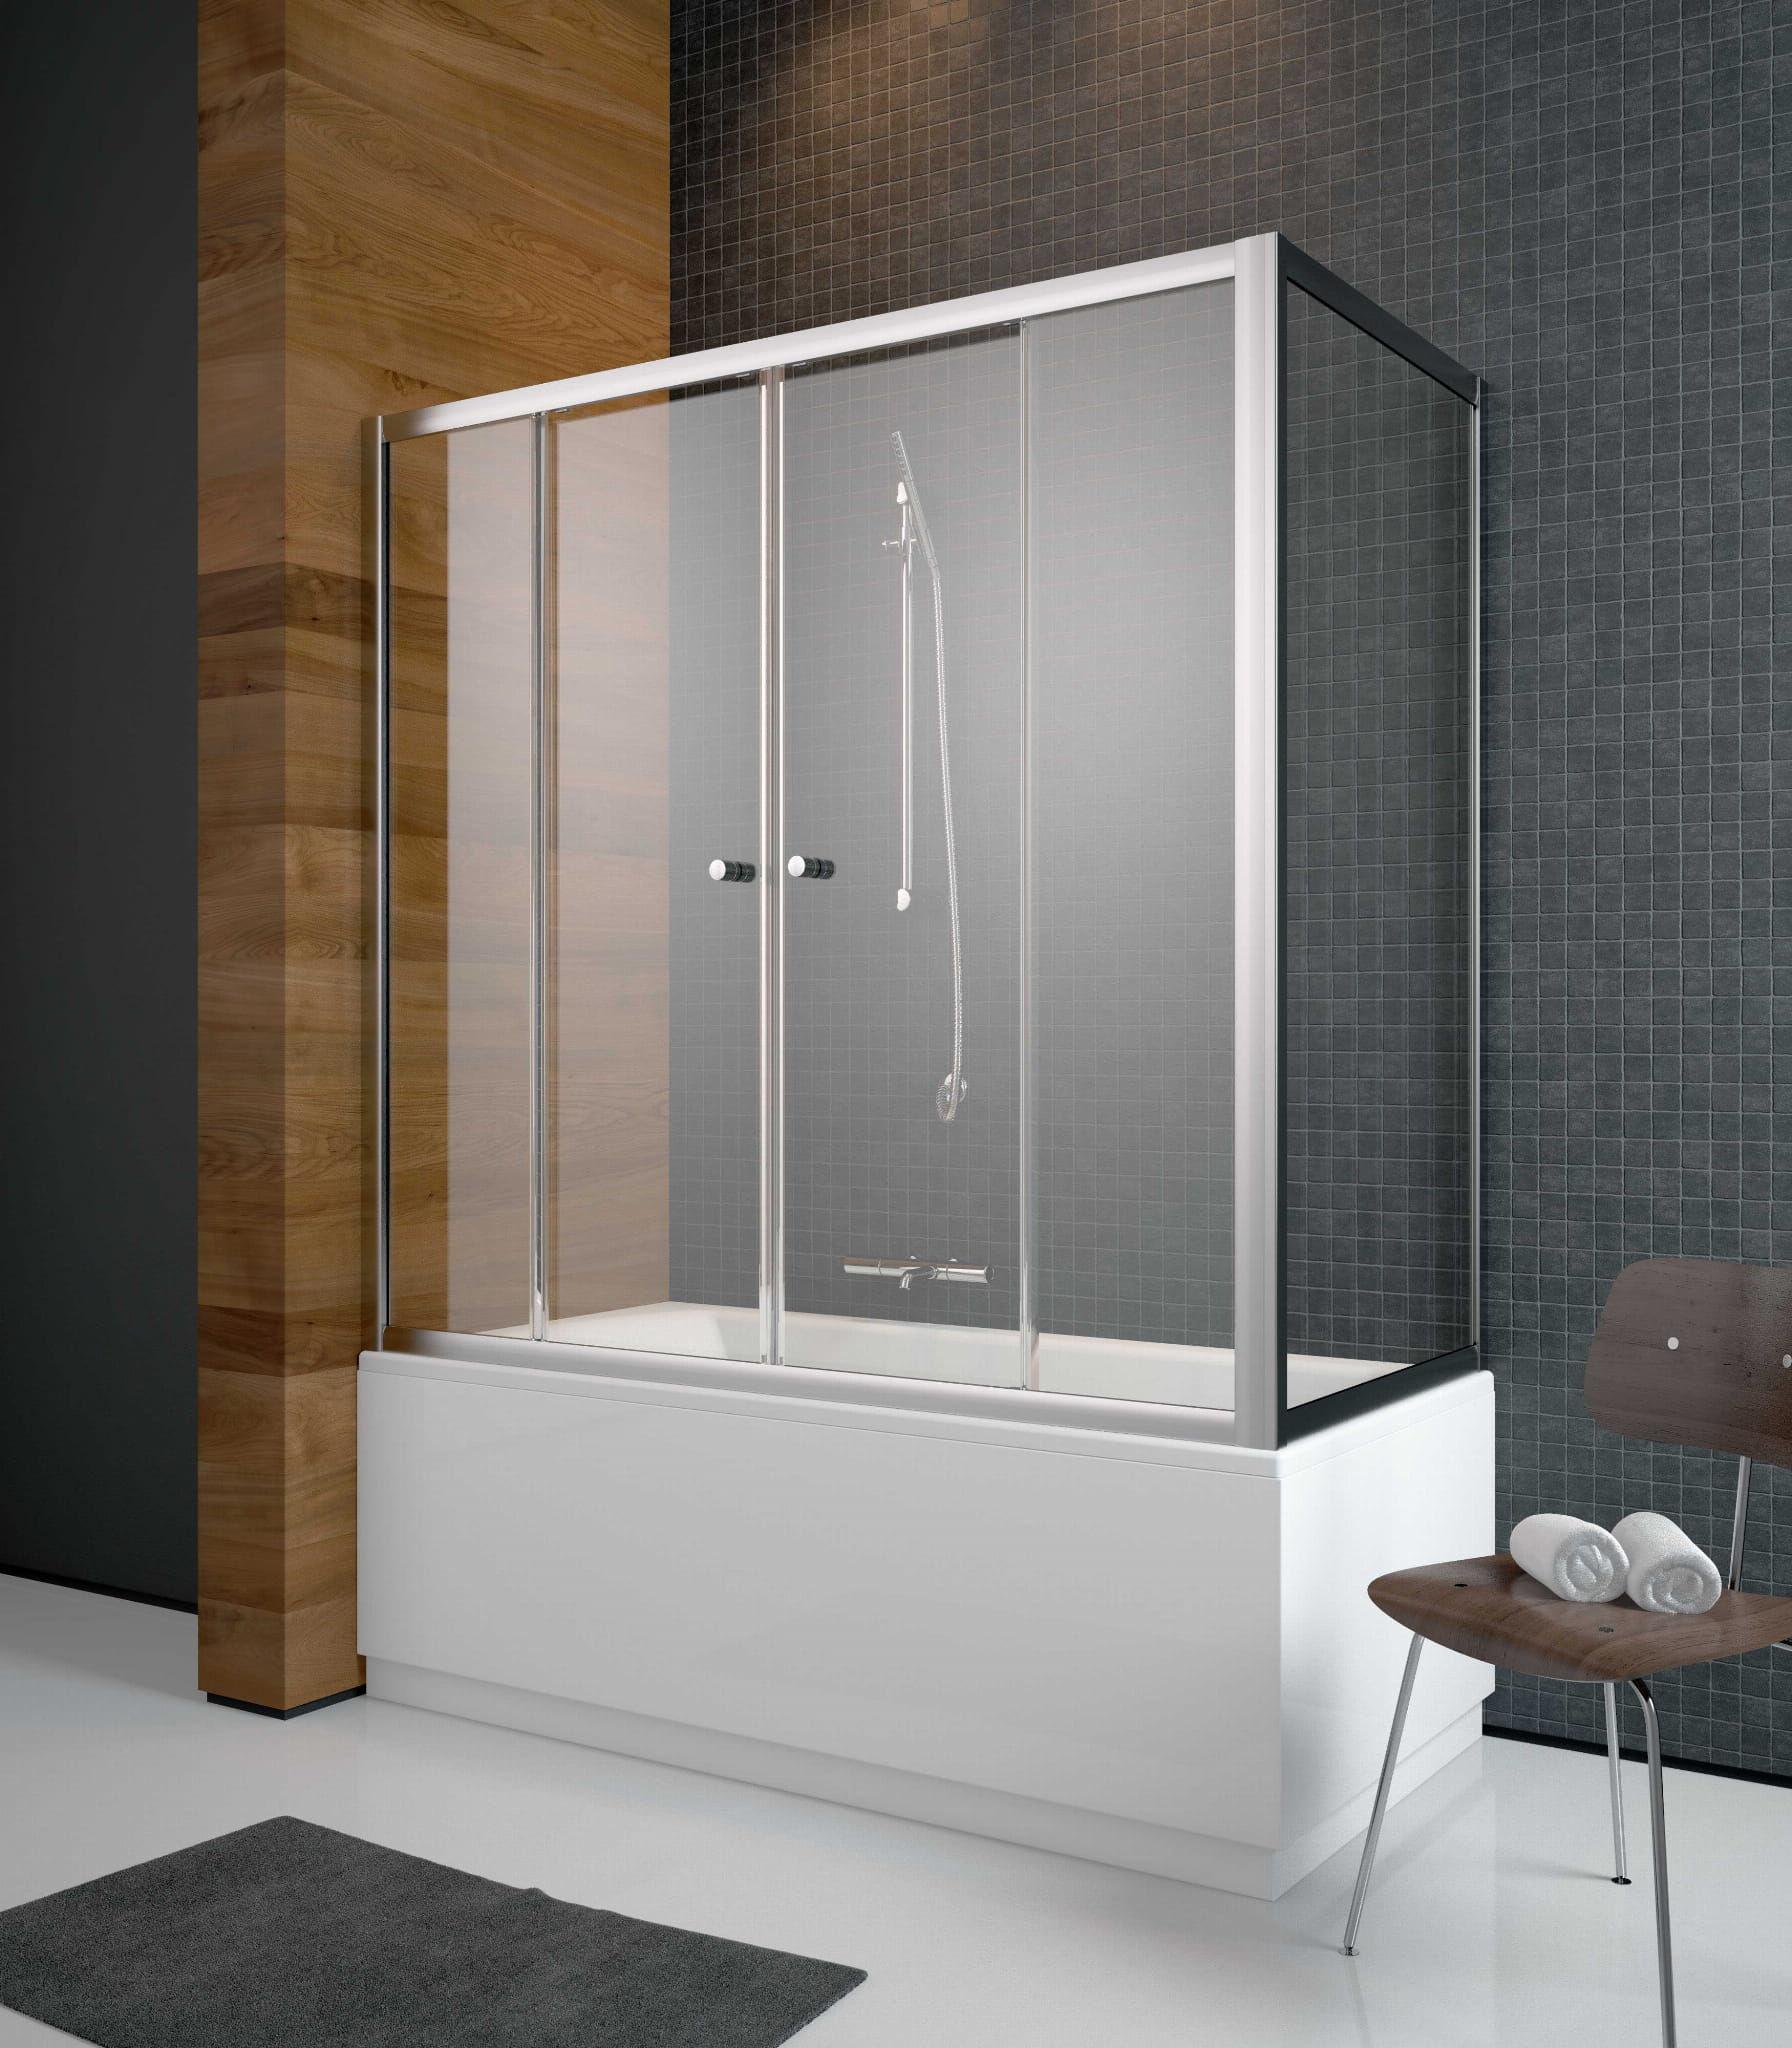 Radaway zabudowa nawannowa Vesta DWD+S 180 x 75, szkło przejrzyste, wys. 150 cm 203180-01/204075-01